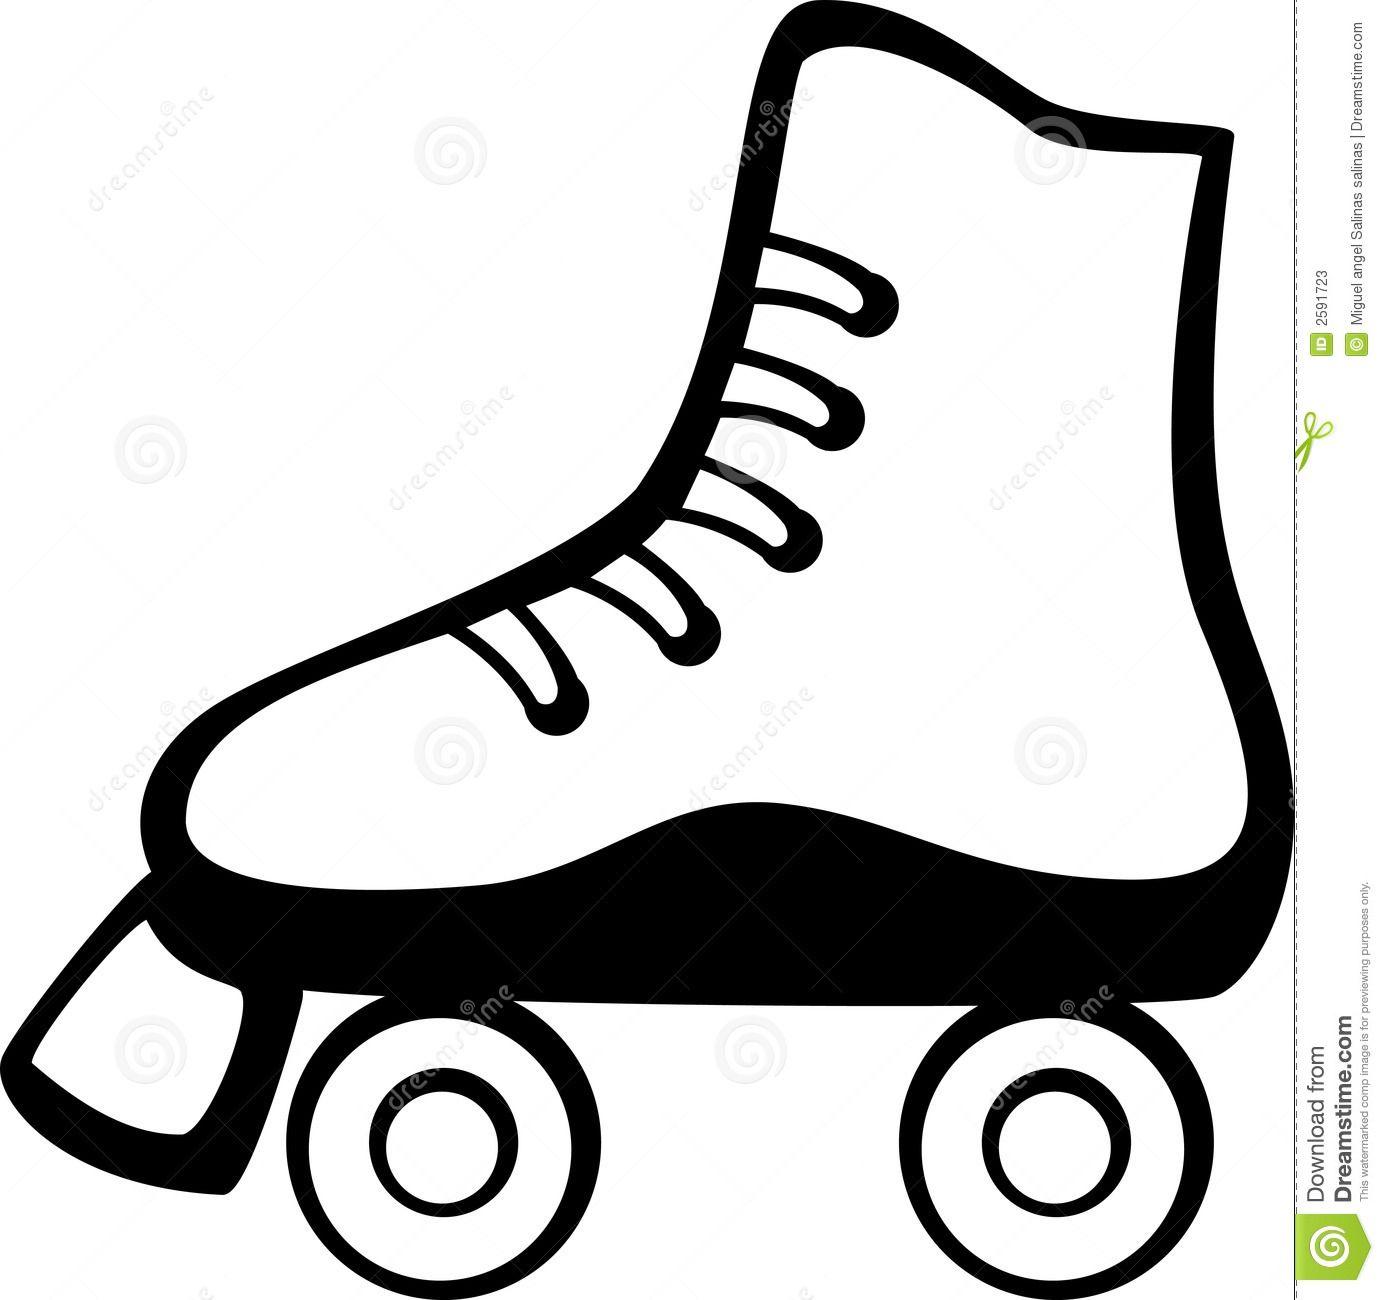 Roller Skate Vector Illustration Vector Illustration Of A Roller Skate Sponsored Advertisement Ad Roller Skating Party Roller Skating Roller Skate Cake